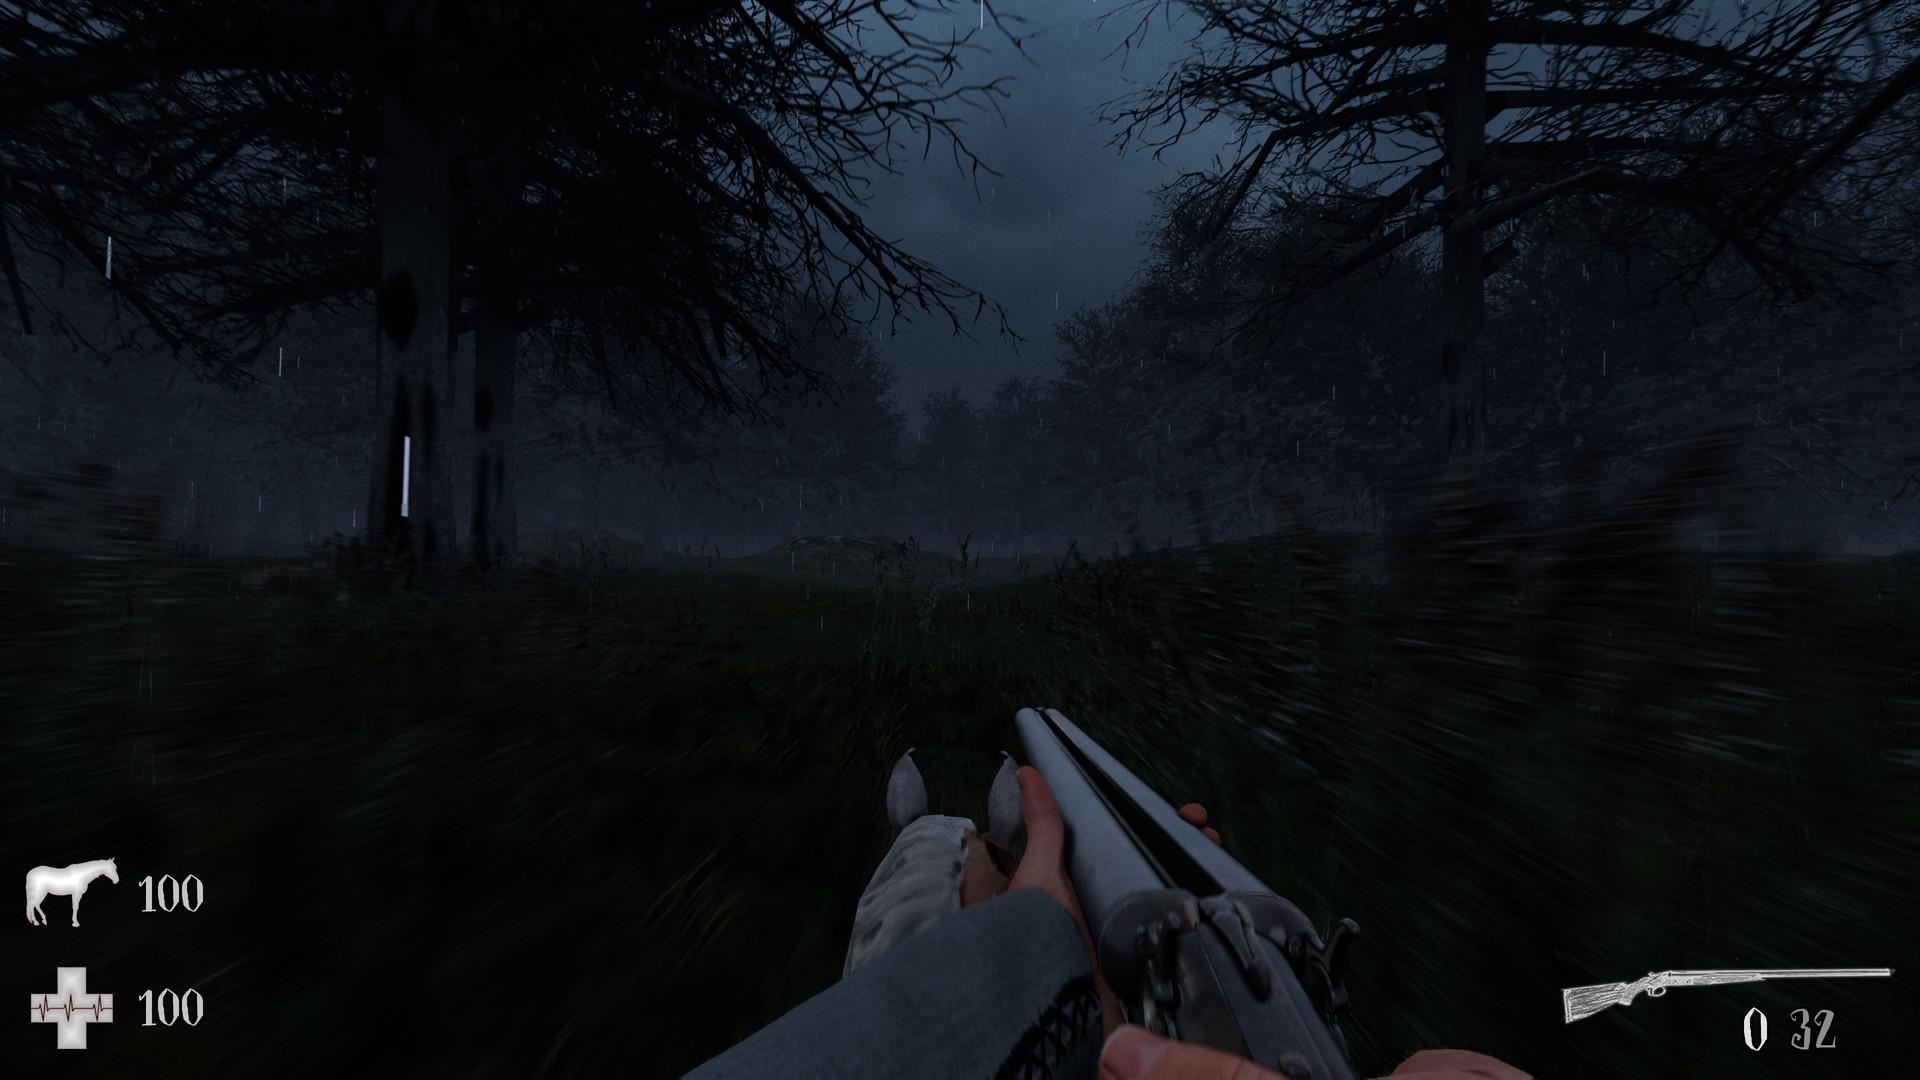 com.steam.925690-screenshot